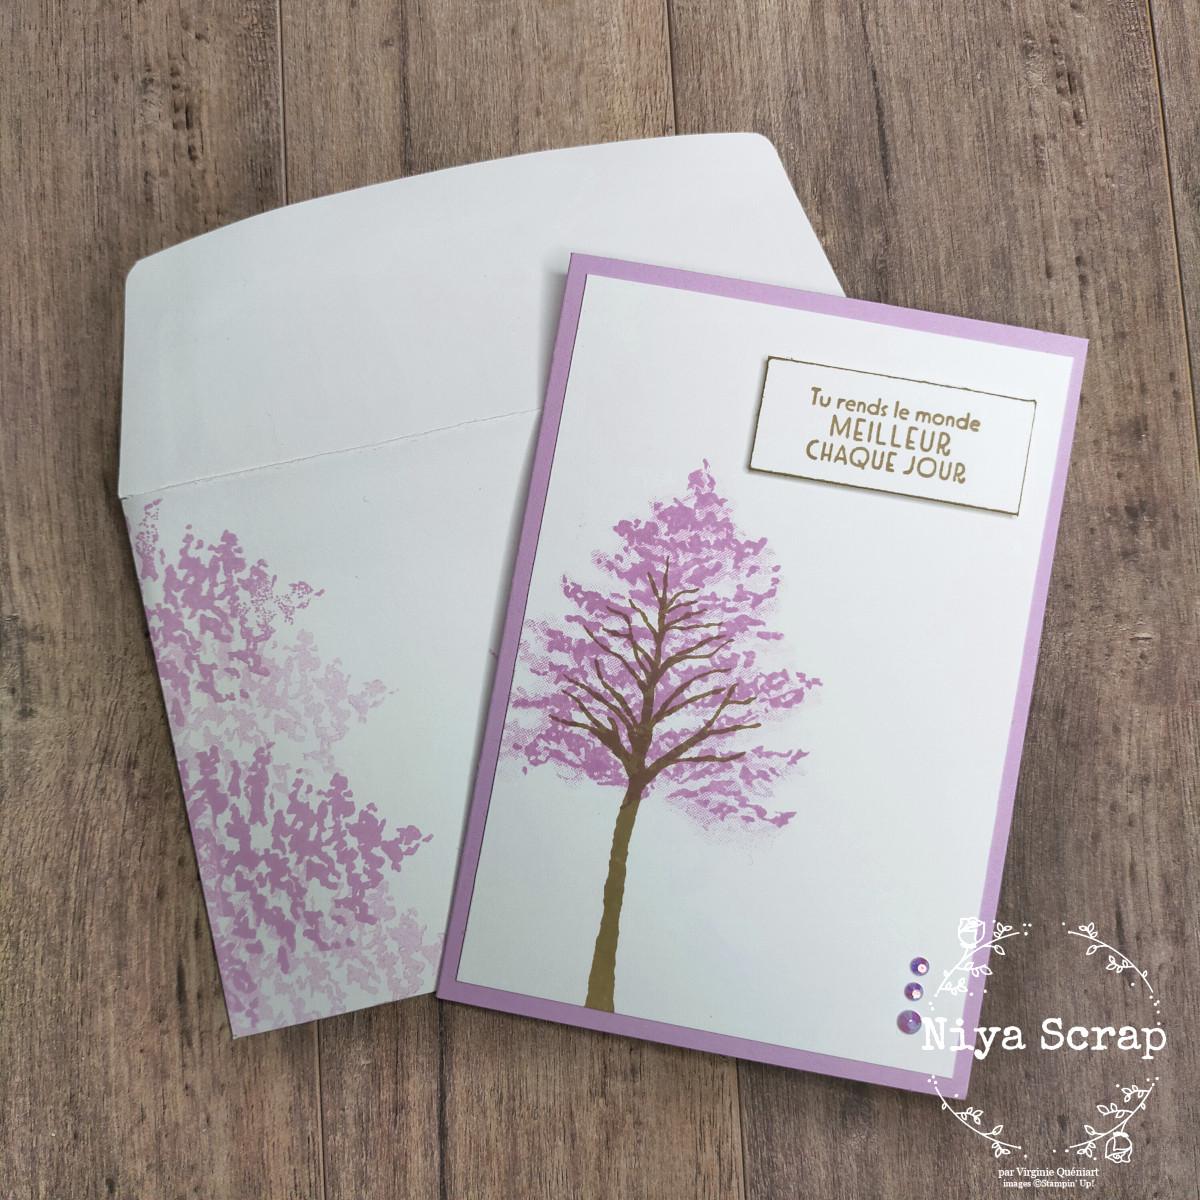 Niya Scrap - Swap de cartes - In Colors 2021-2023 - Freesia en Fleur - Matériel Stampin' Up!